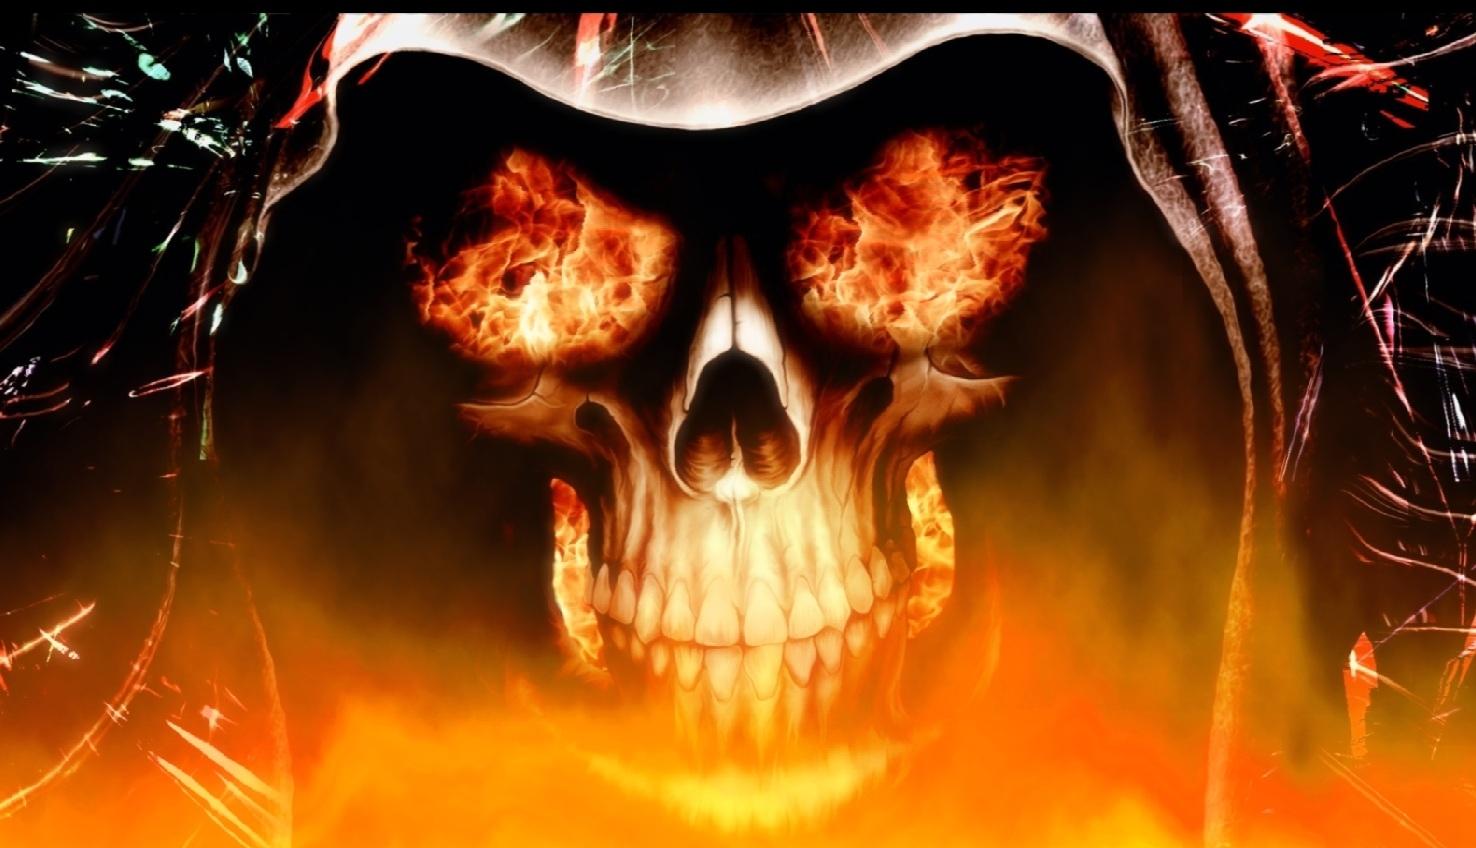 download fire skull animated wallpaper | desktopanimated